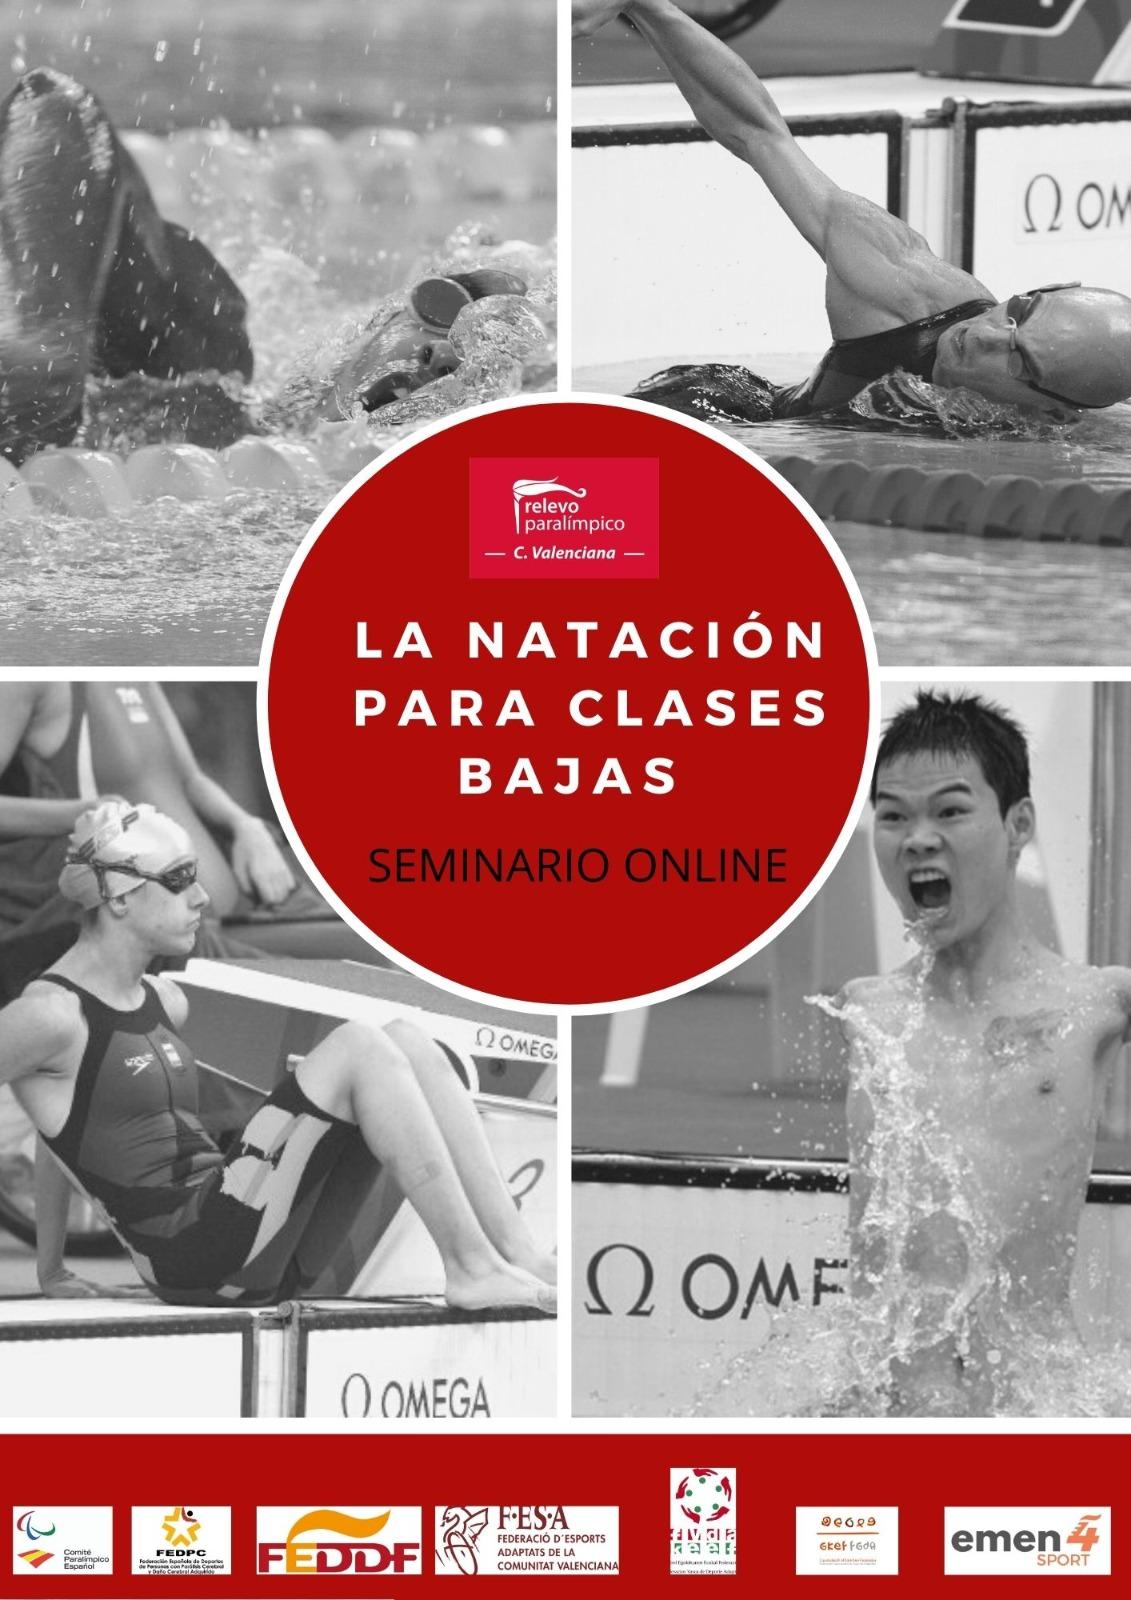 Caratula_seminario-online_natacion_clases_bajas